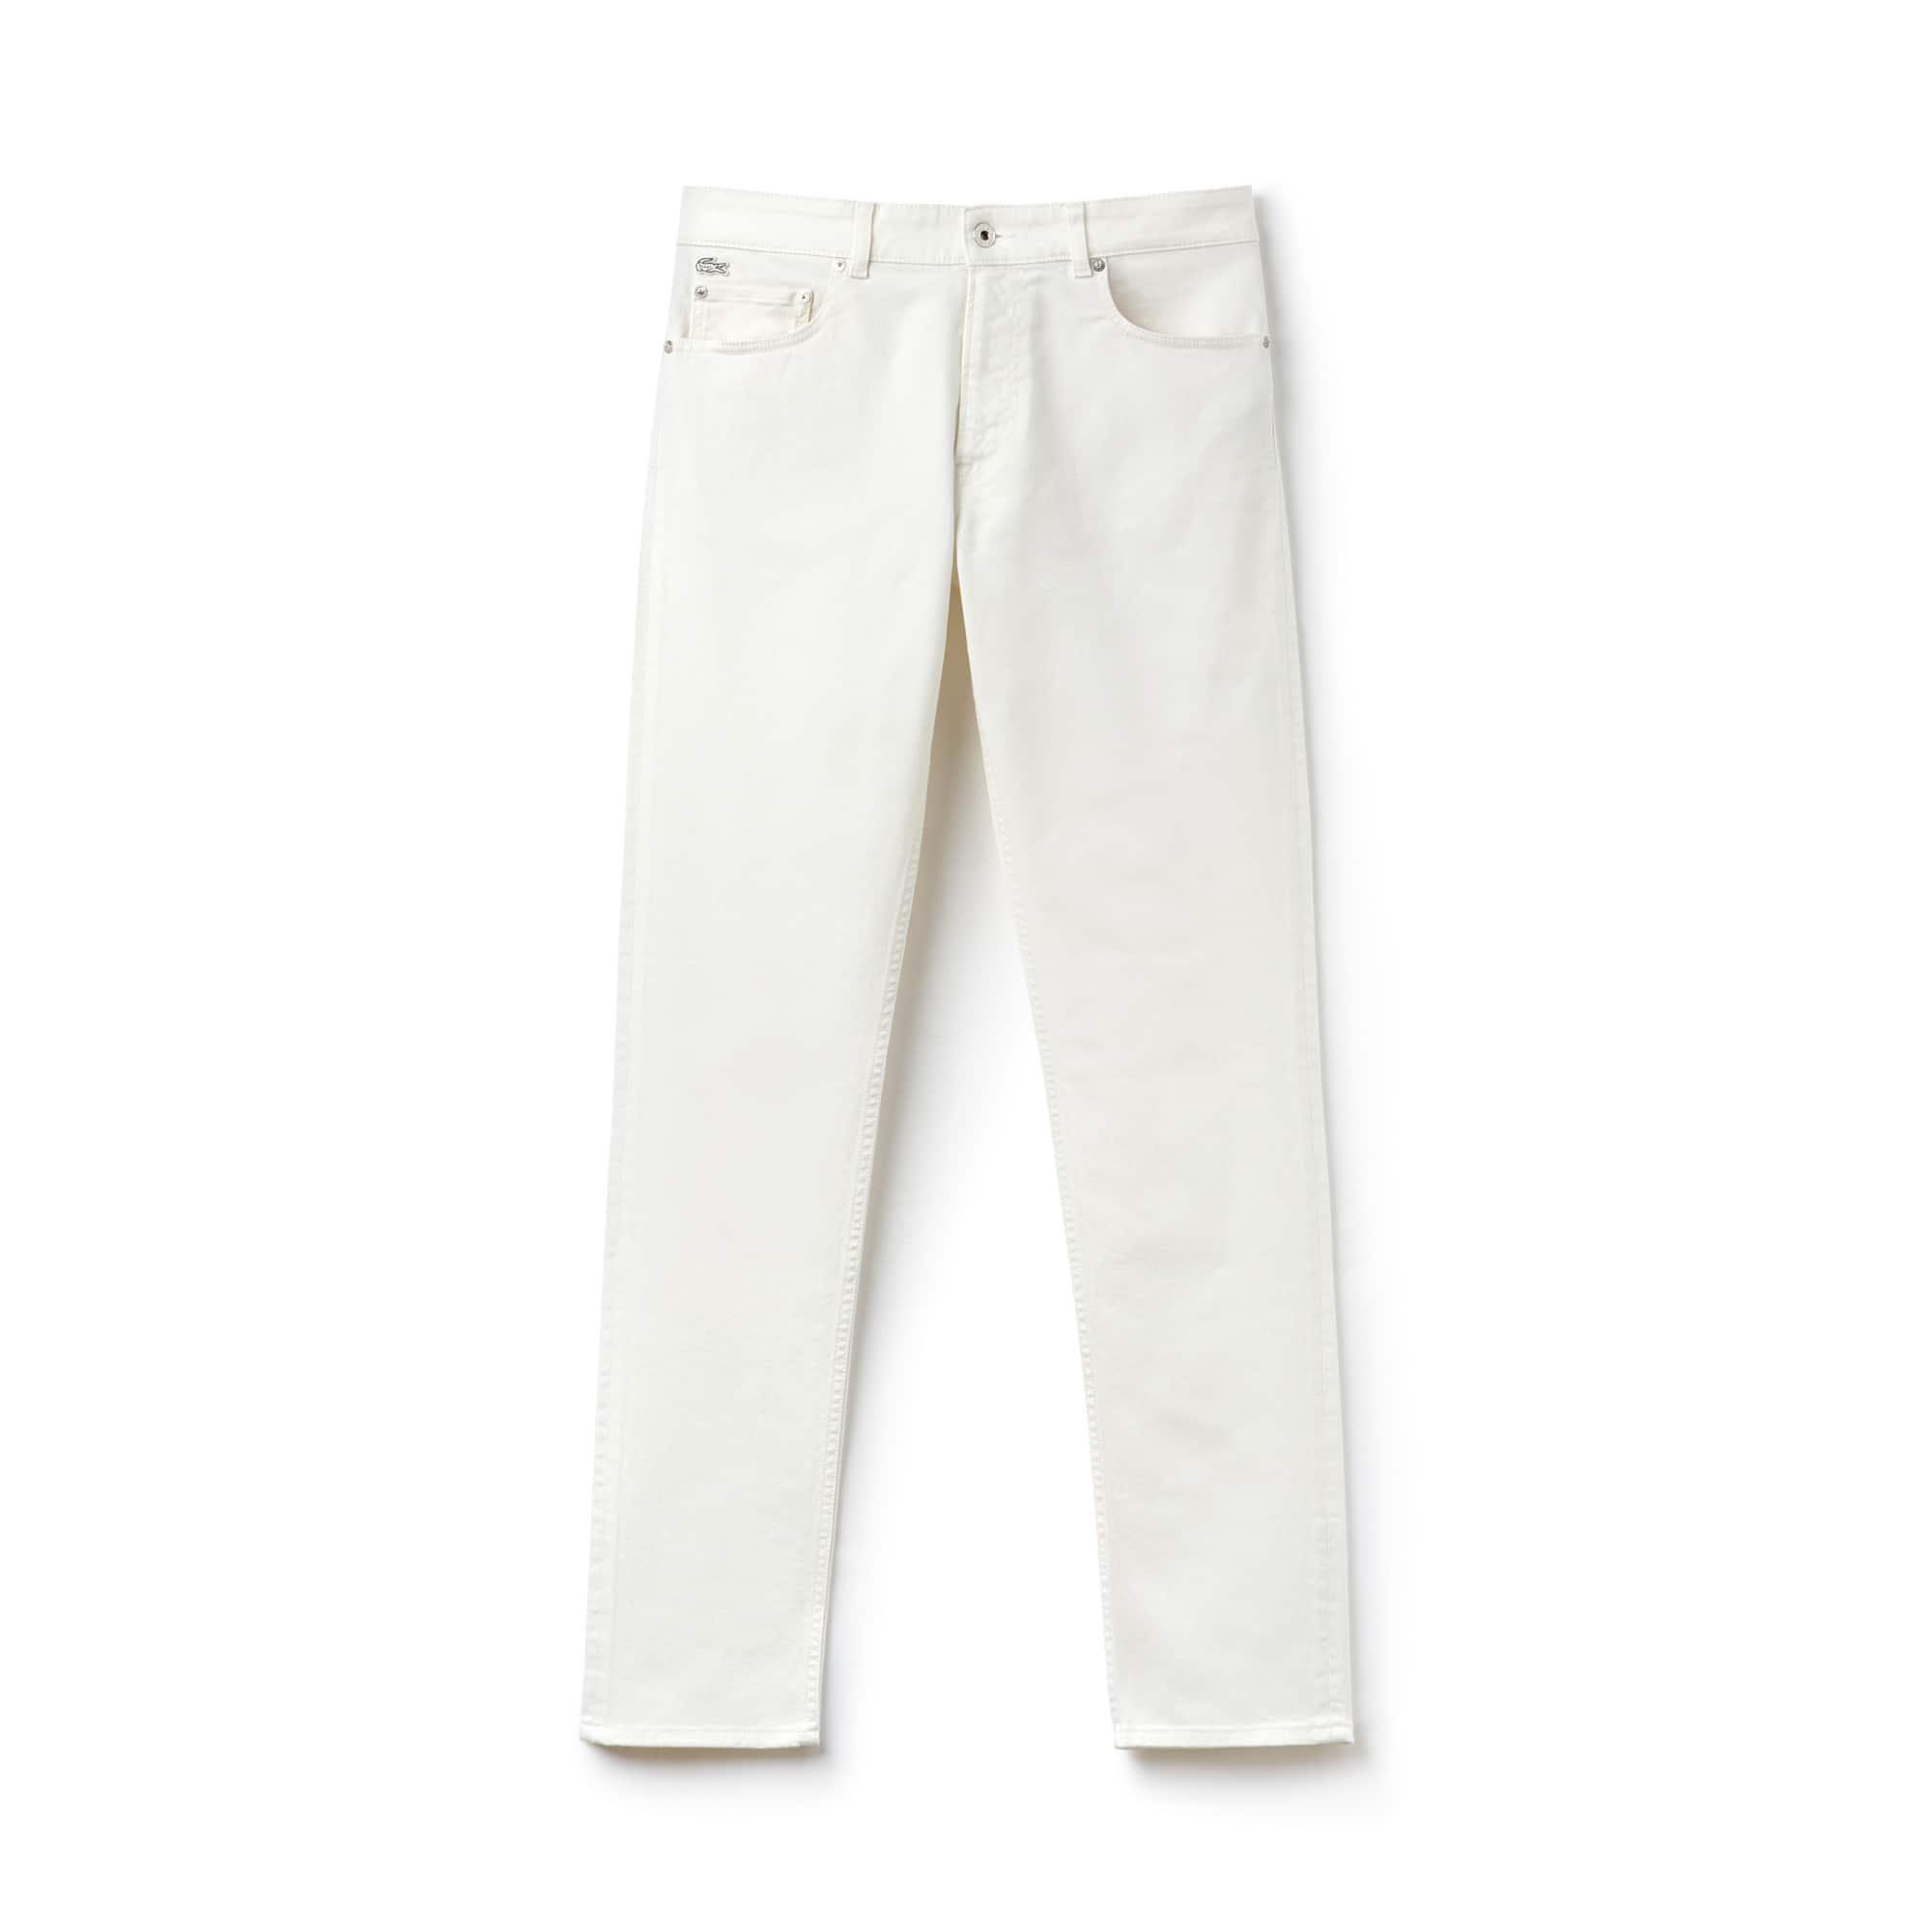 Pantalón Hombre Elástico Slim Fit